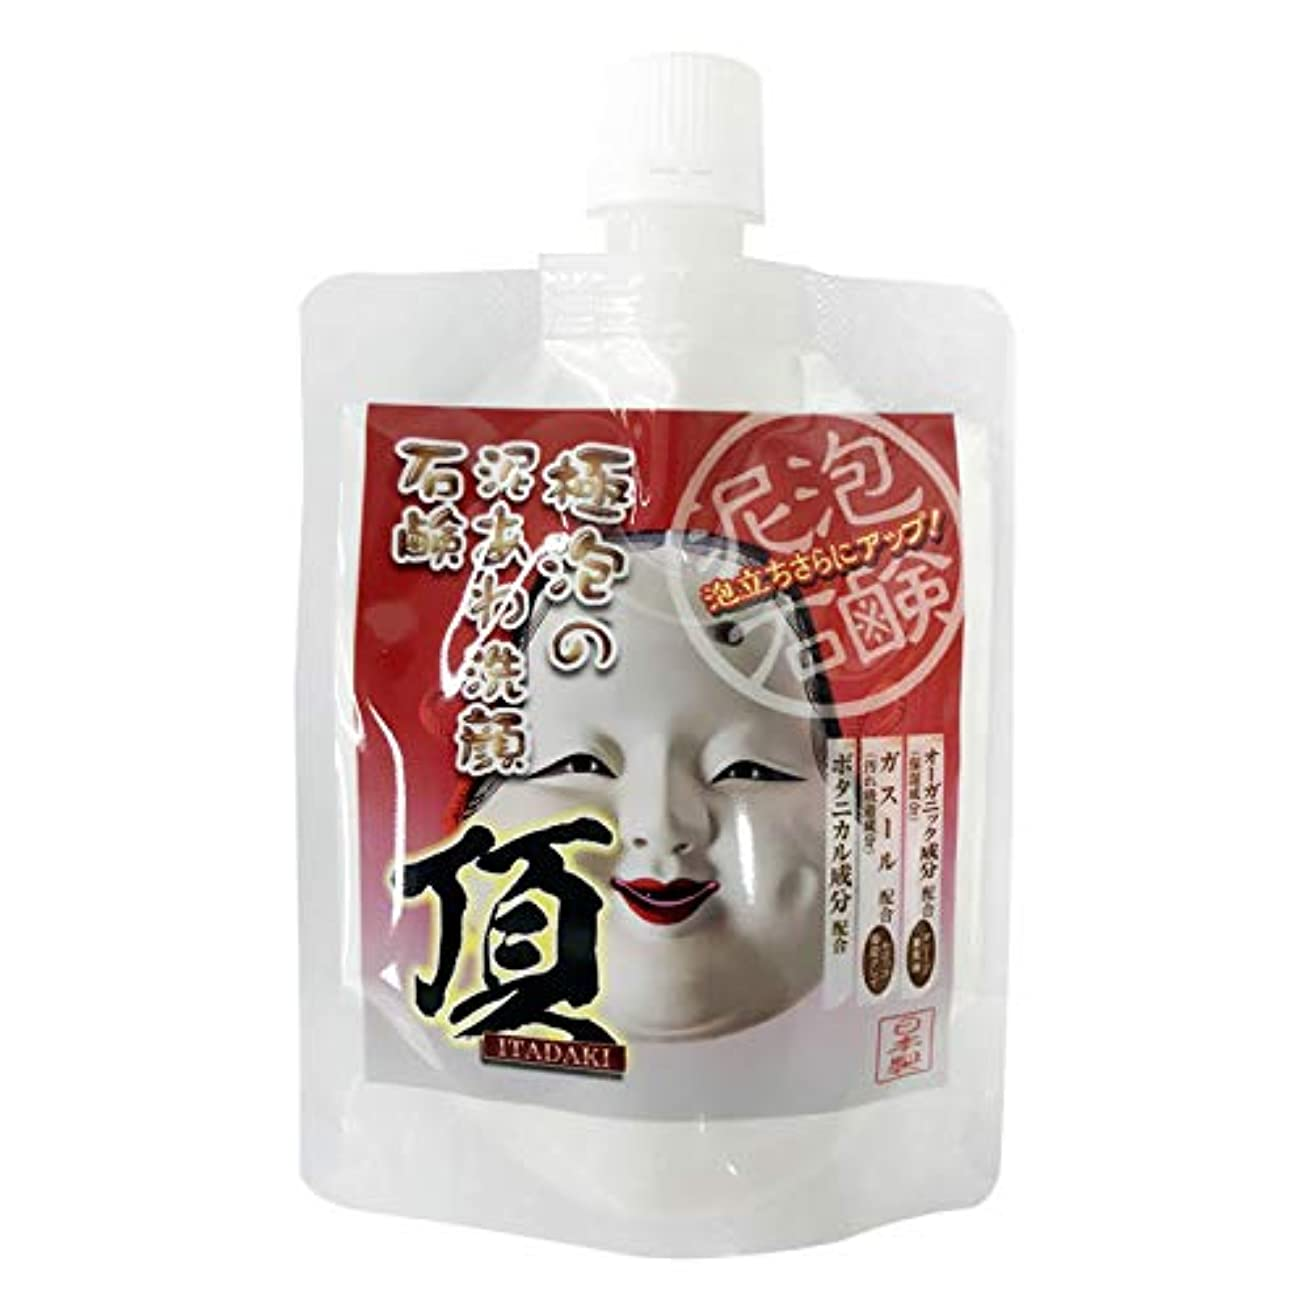 翻訳する隠クリア極泡の泥あわ洗顔石鹸 頂 130g ガスール 豆乳 ボタニカル 酒粕 エキス配合